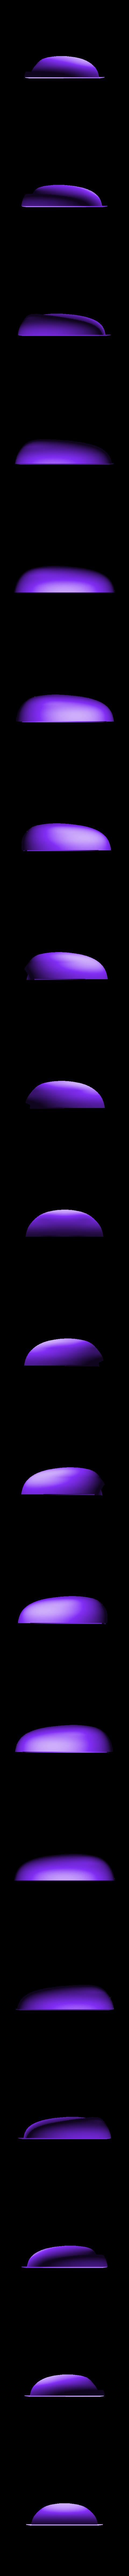 Small Oval Gem.stl Download STL file Steven Universe Cosplay Gem Set • 3D printable object, httpkoopa